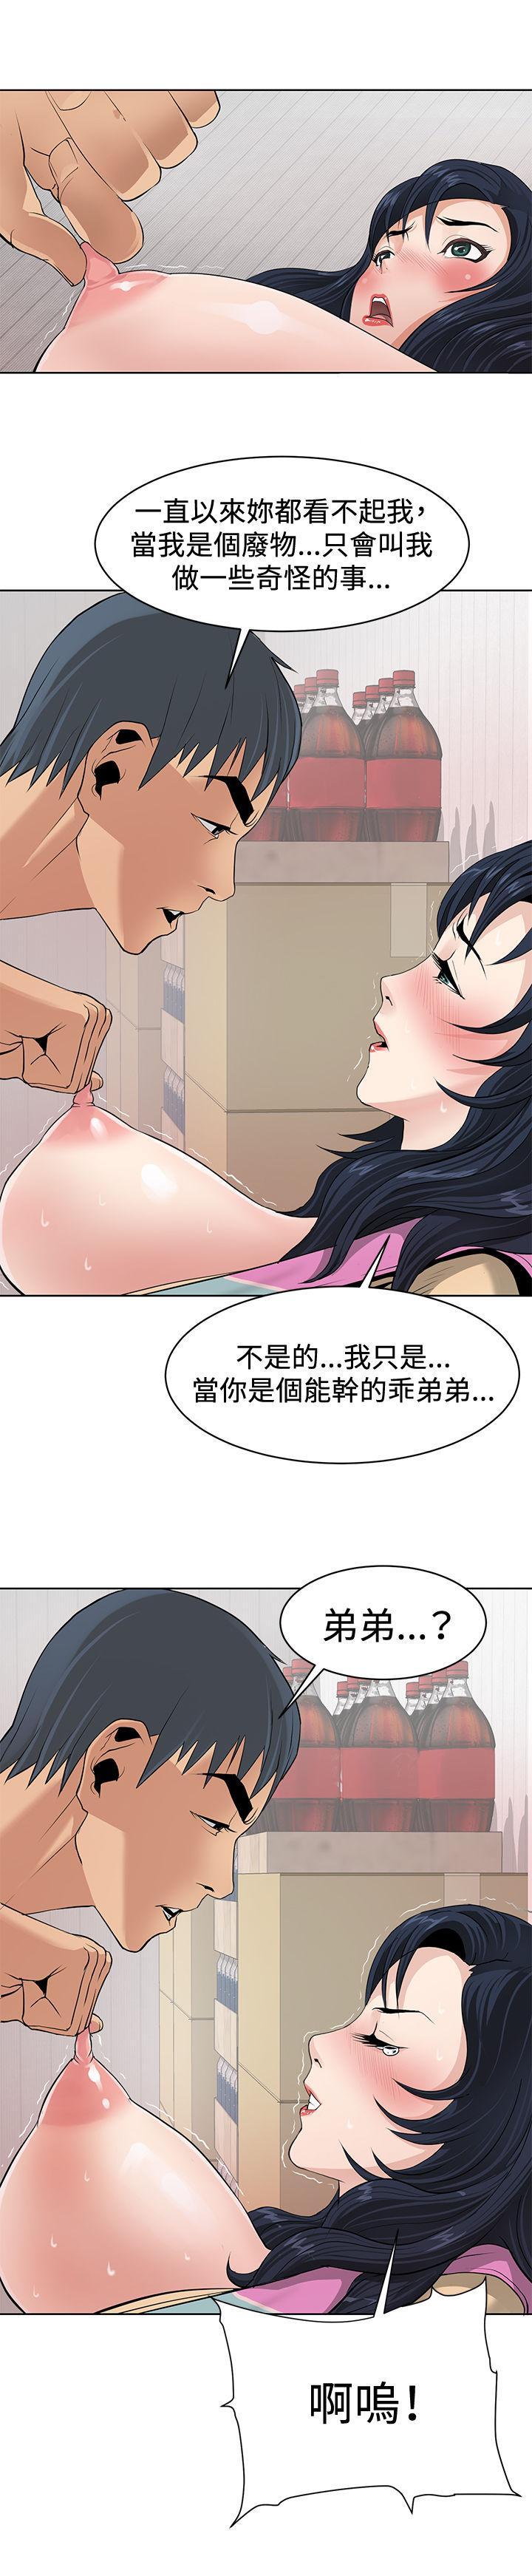 催眠师 第1話 [Chinese]中文 10